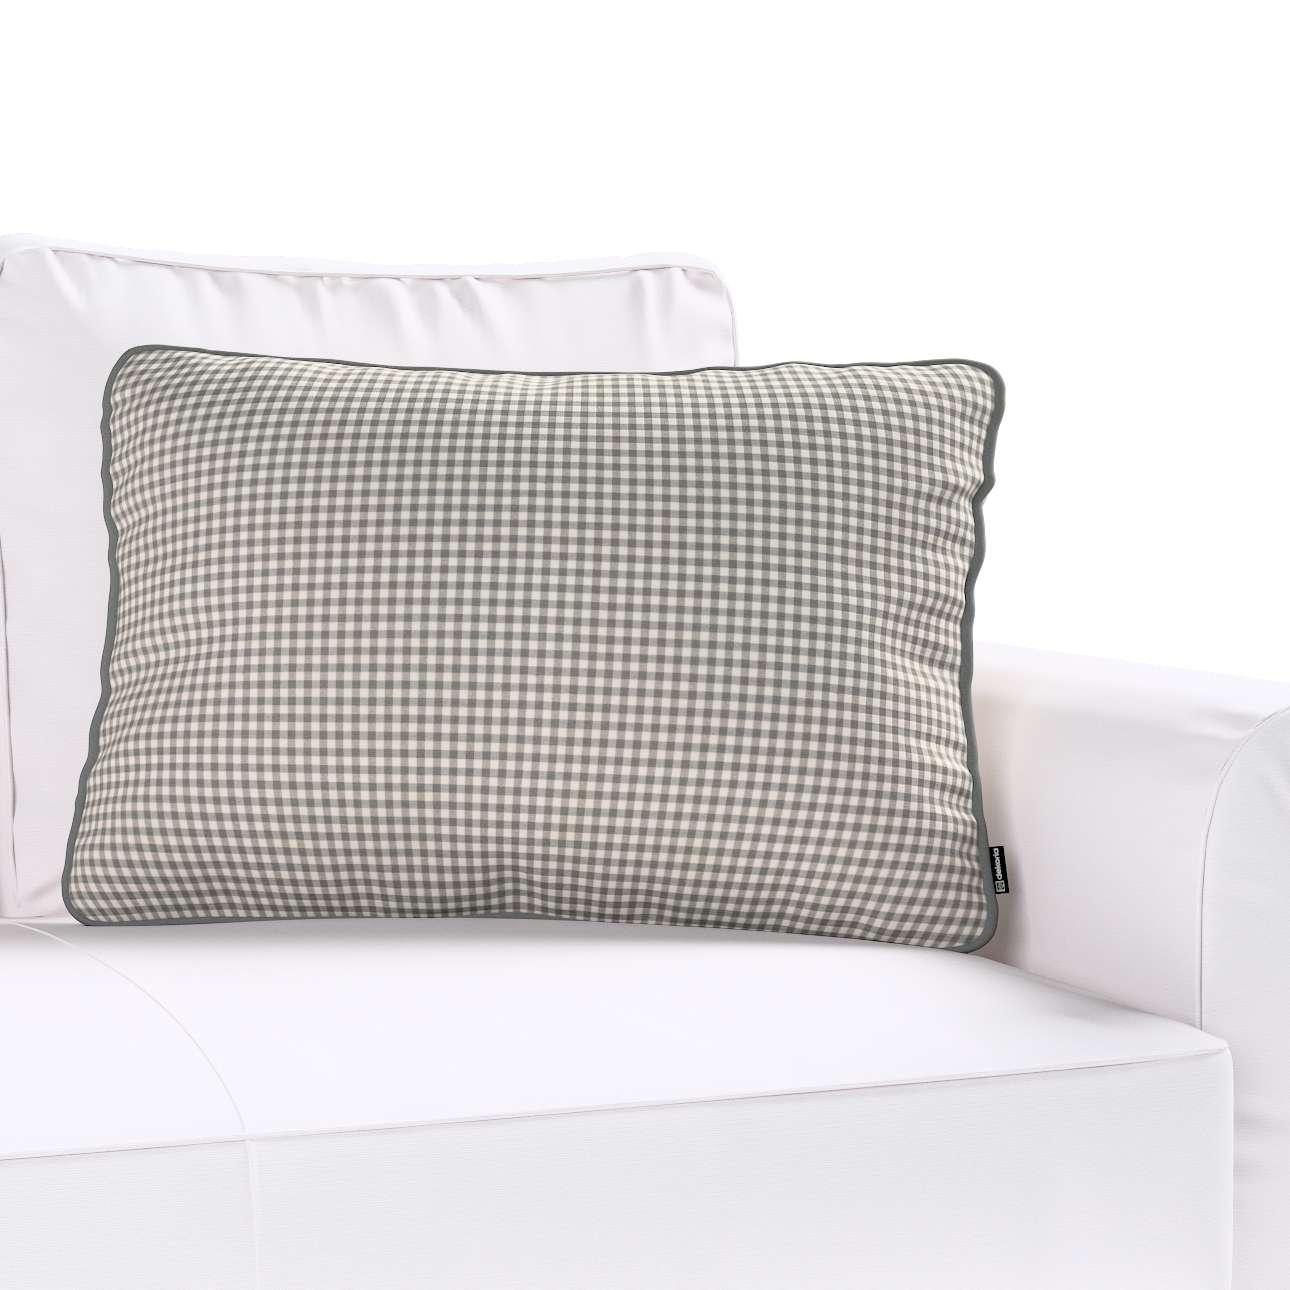 Poszewka Gabi na poduszkę prostokątna w kolekcji Quadro, tkanina: 136-10